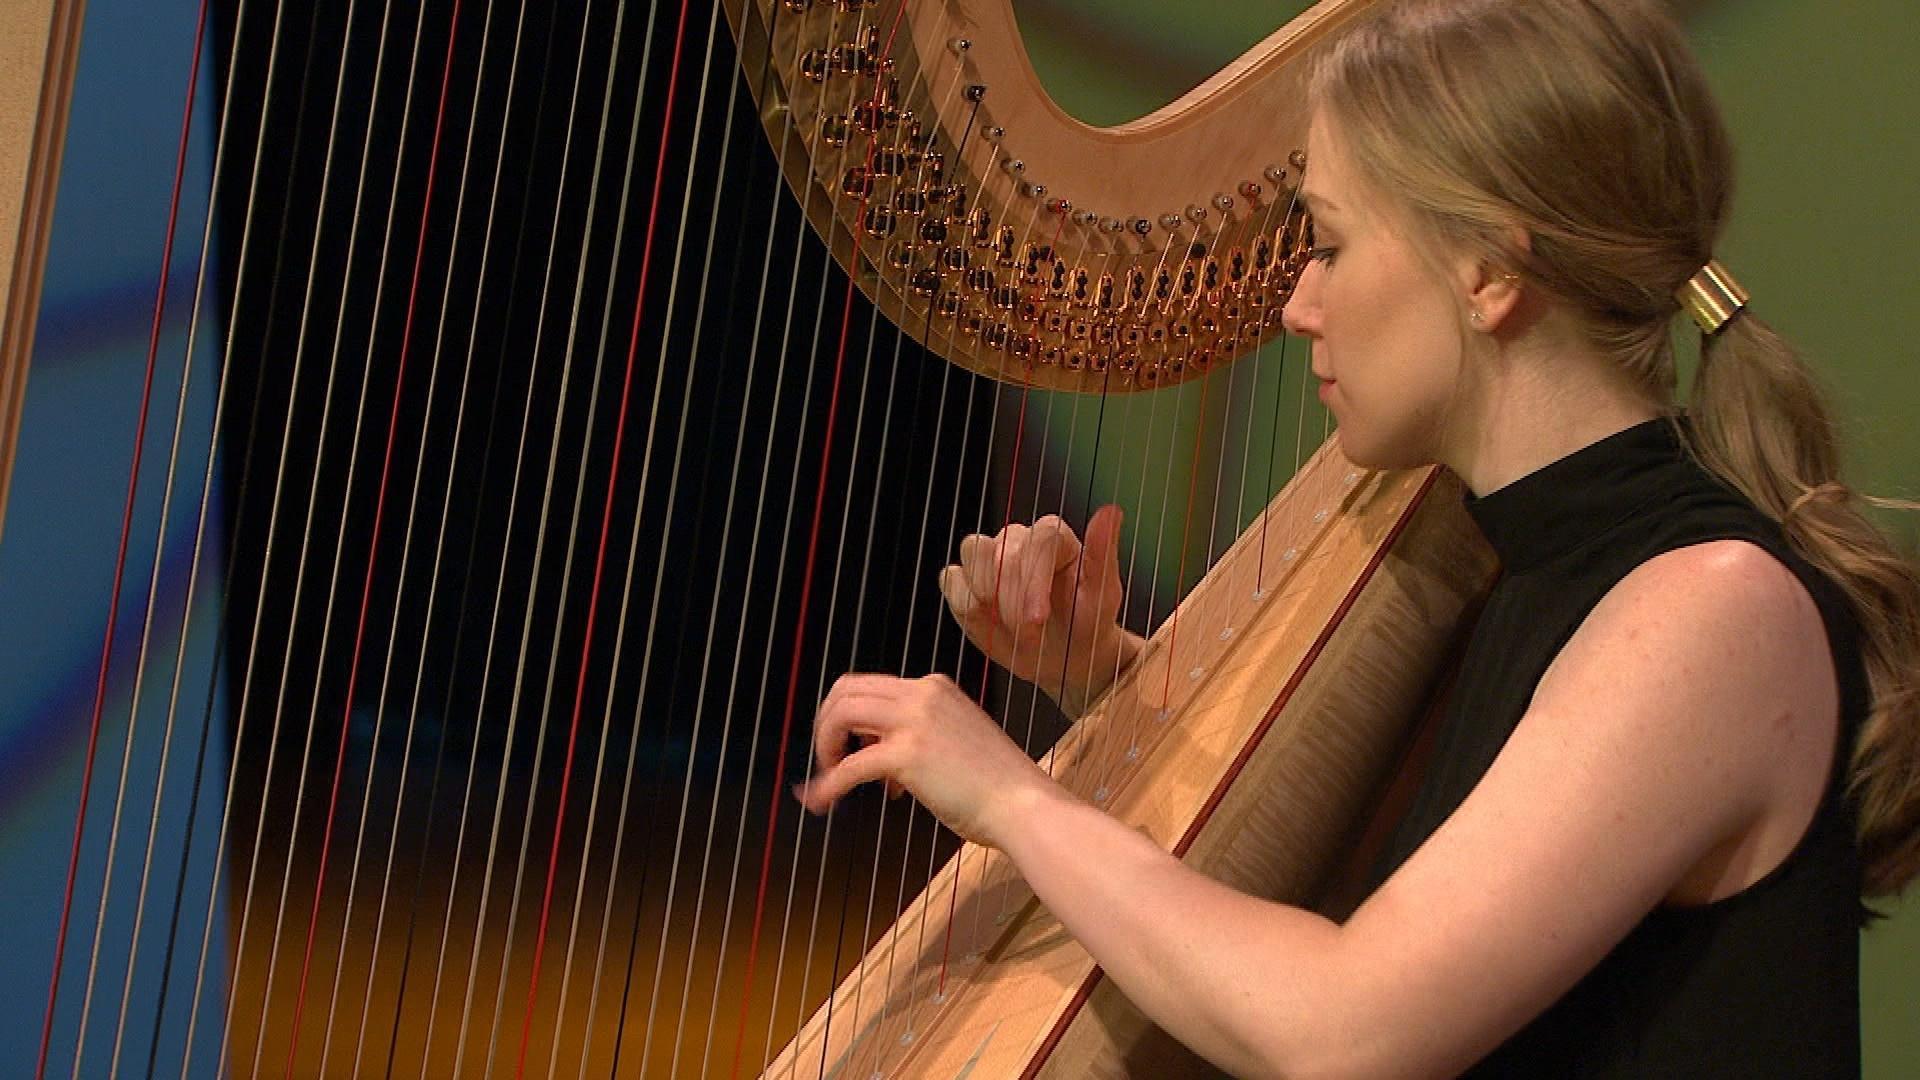 BPO musician Madeline Olson, Harp